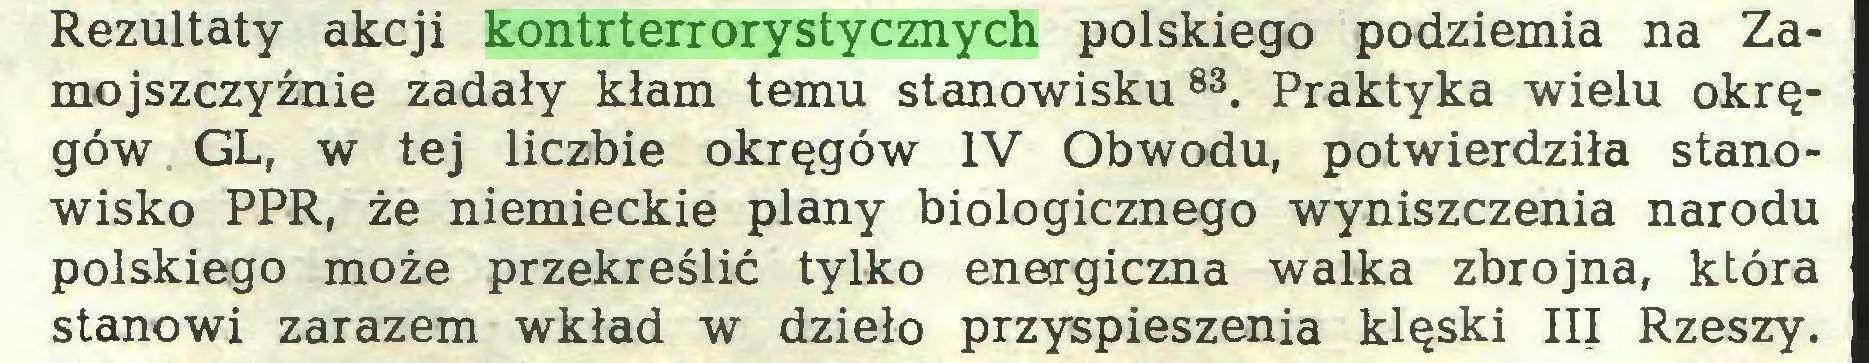 (...) Rezultaty akcji kontrterrorystycznych polskiego podziemia na Zamojszczyźnie zadały kłam temu stanowisku83. Praktyka wielu okręgów GL, w tej liczbie okręgów IV Obwodu, potwierdziła stanowisko PPR, że niemieckie plany biologicznego wyniszczenia narodu polskiego może przekreślić tylko energiczna walka zbrojna, która stanowi zarazem wkład w dzieło przyspieszenia klęski III Rzeszy...